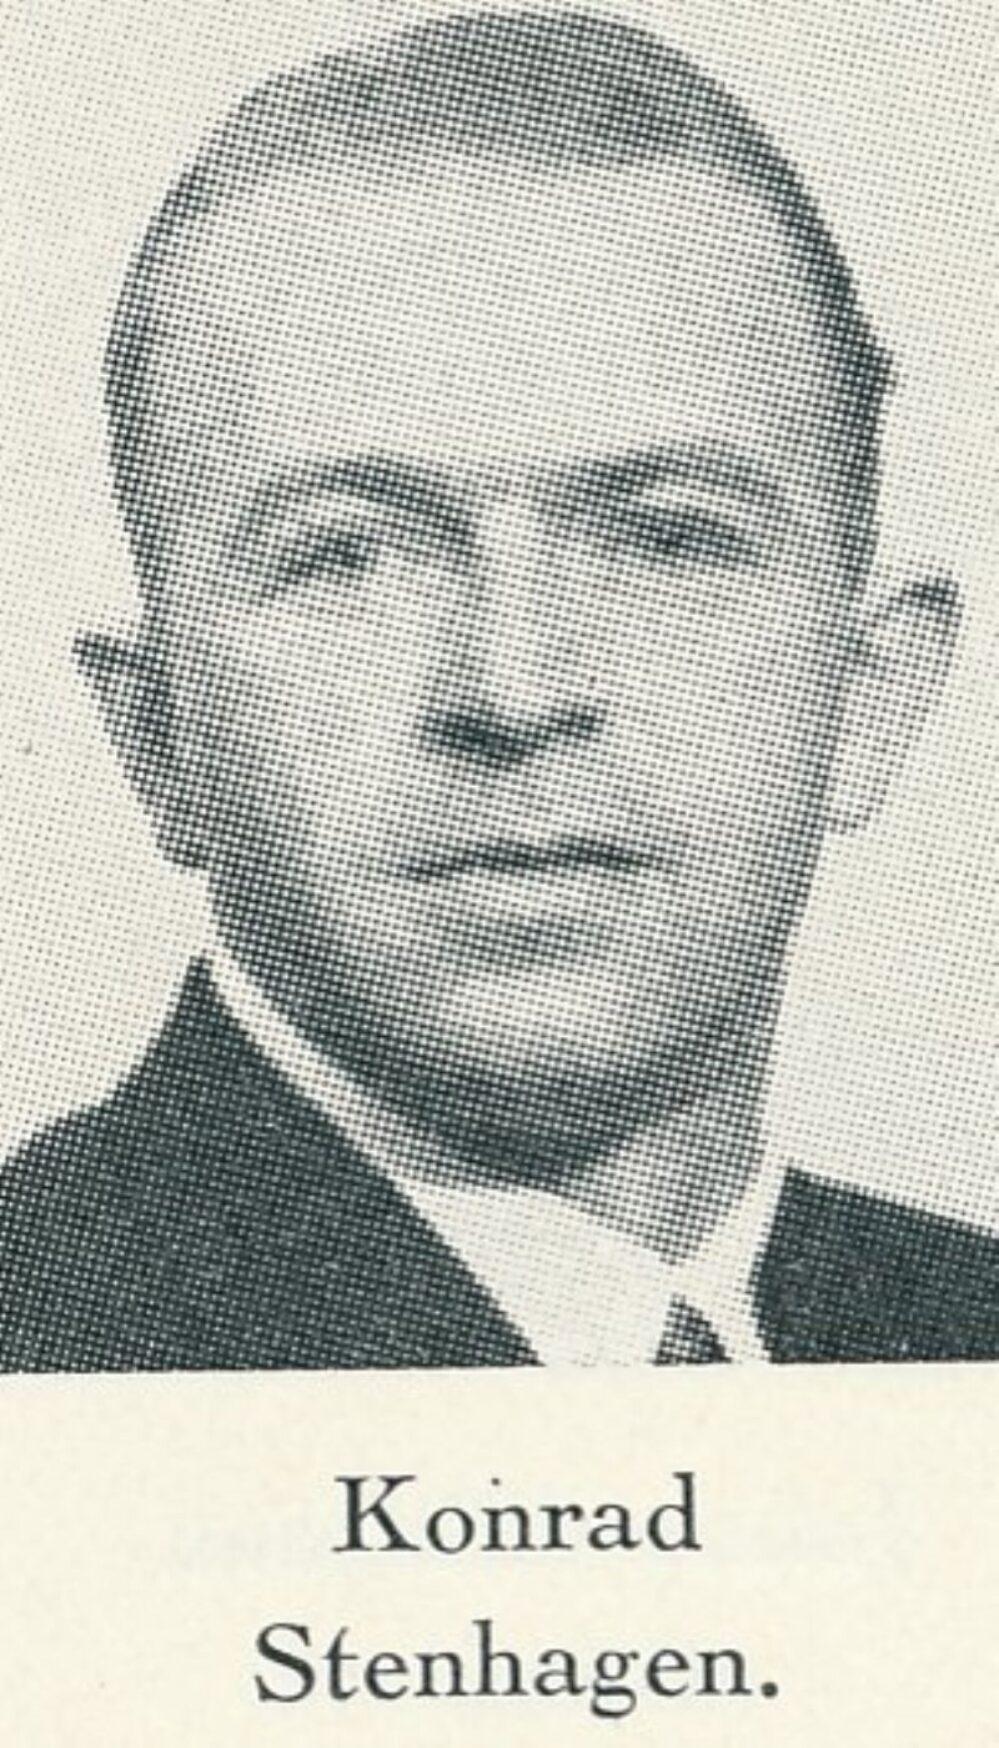 Konrad Stenhagen